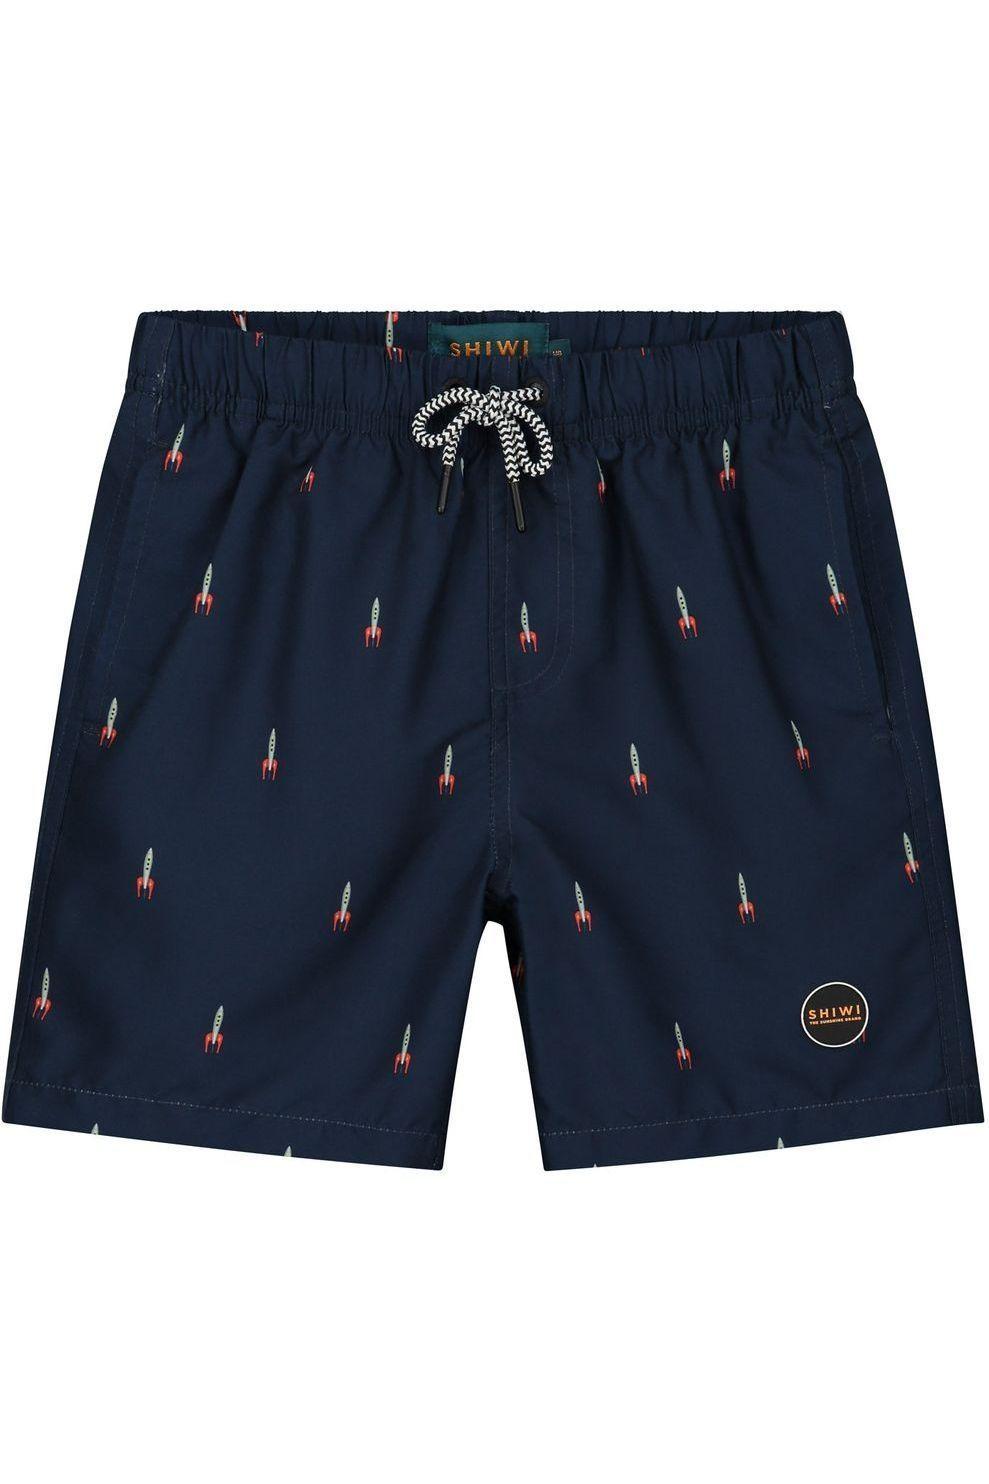 Shiwi Zwemshort Boys Rocket voor jongens - Blauw - Maten: 104, 116, 128, 140, 152, 164, 176